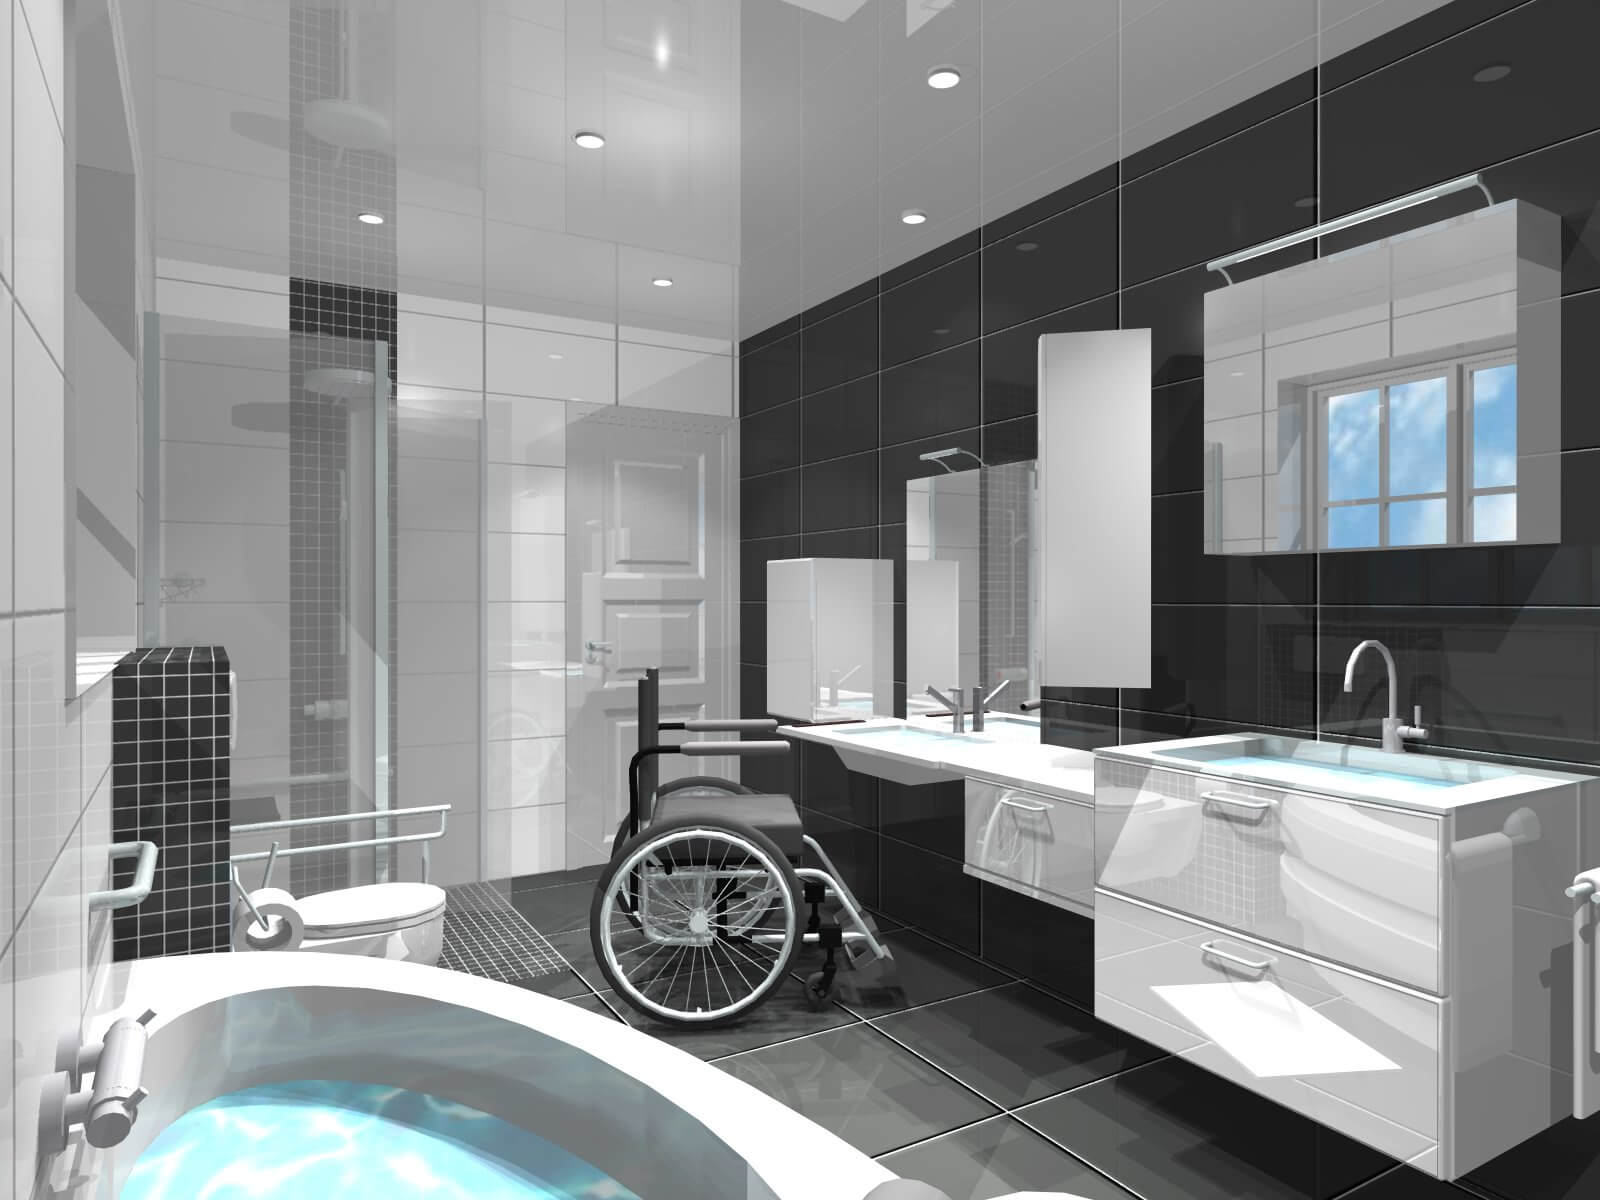 Salle De Bain Comment Ladapter Pour Une Personne Handicape